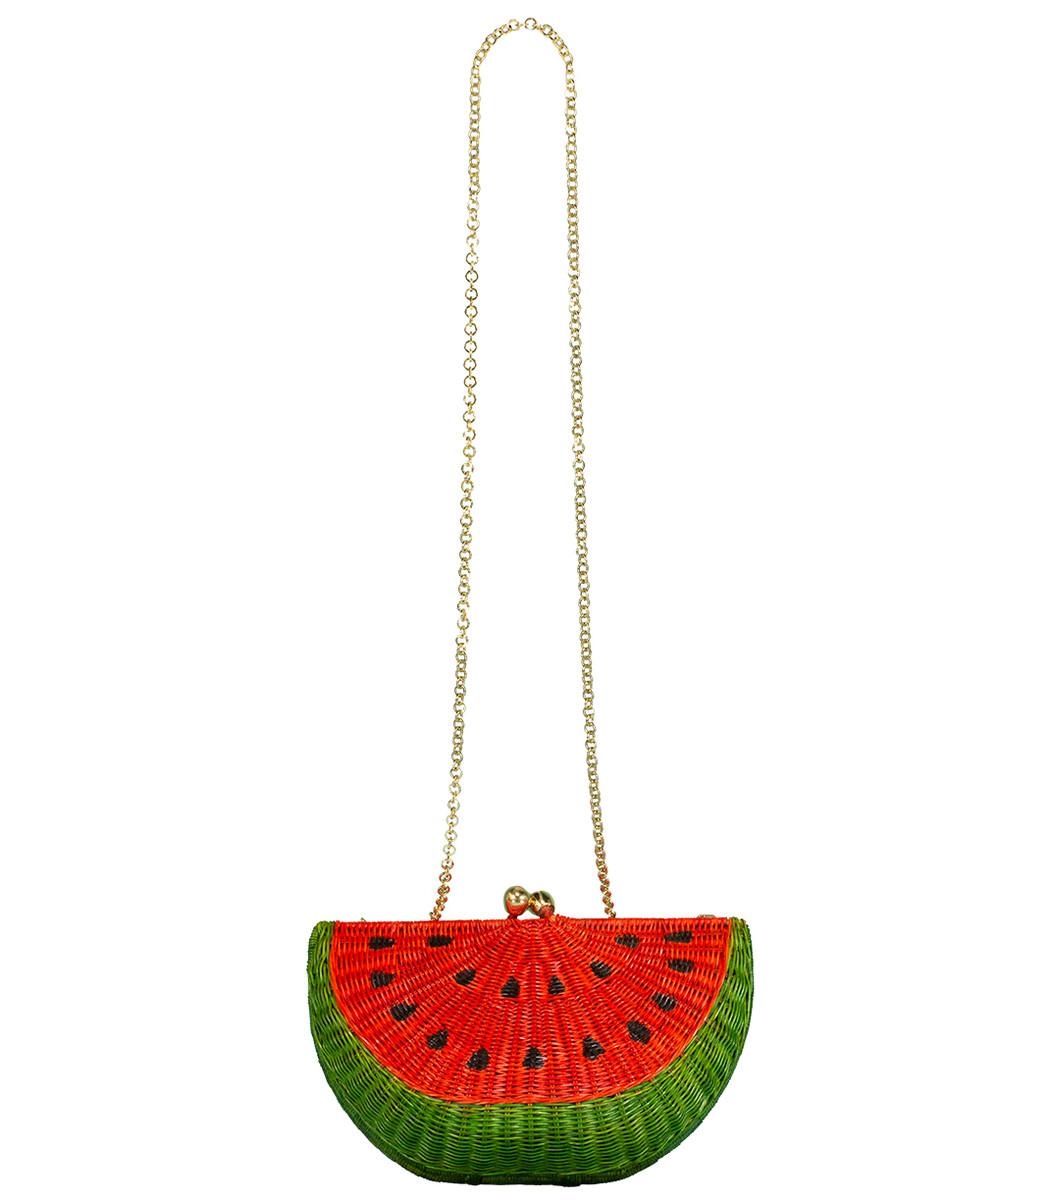 Serpui Watermelon Chain Strap Clutch